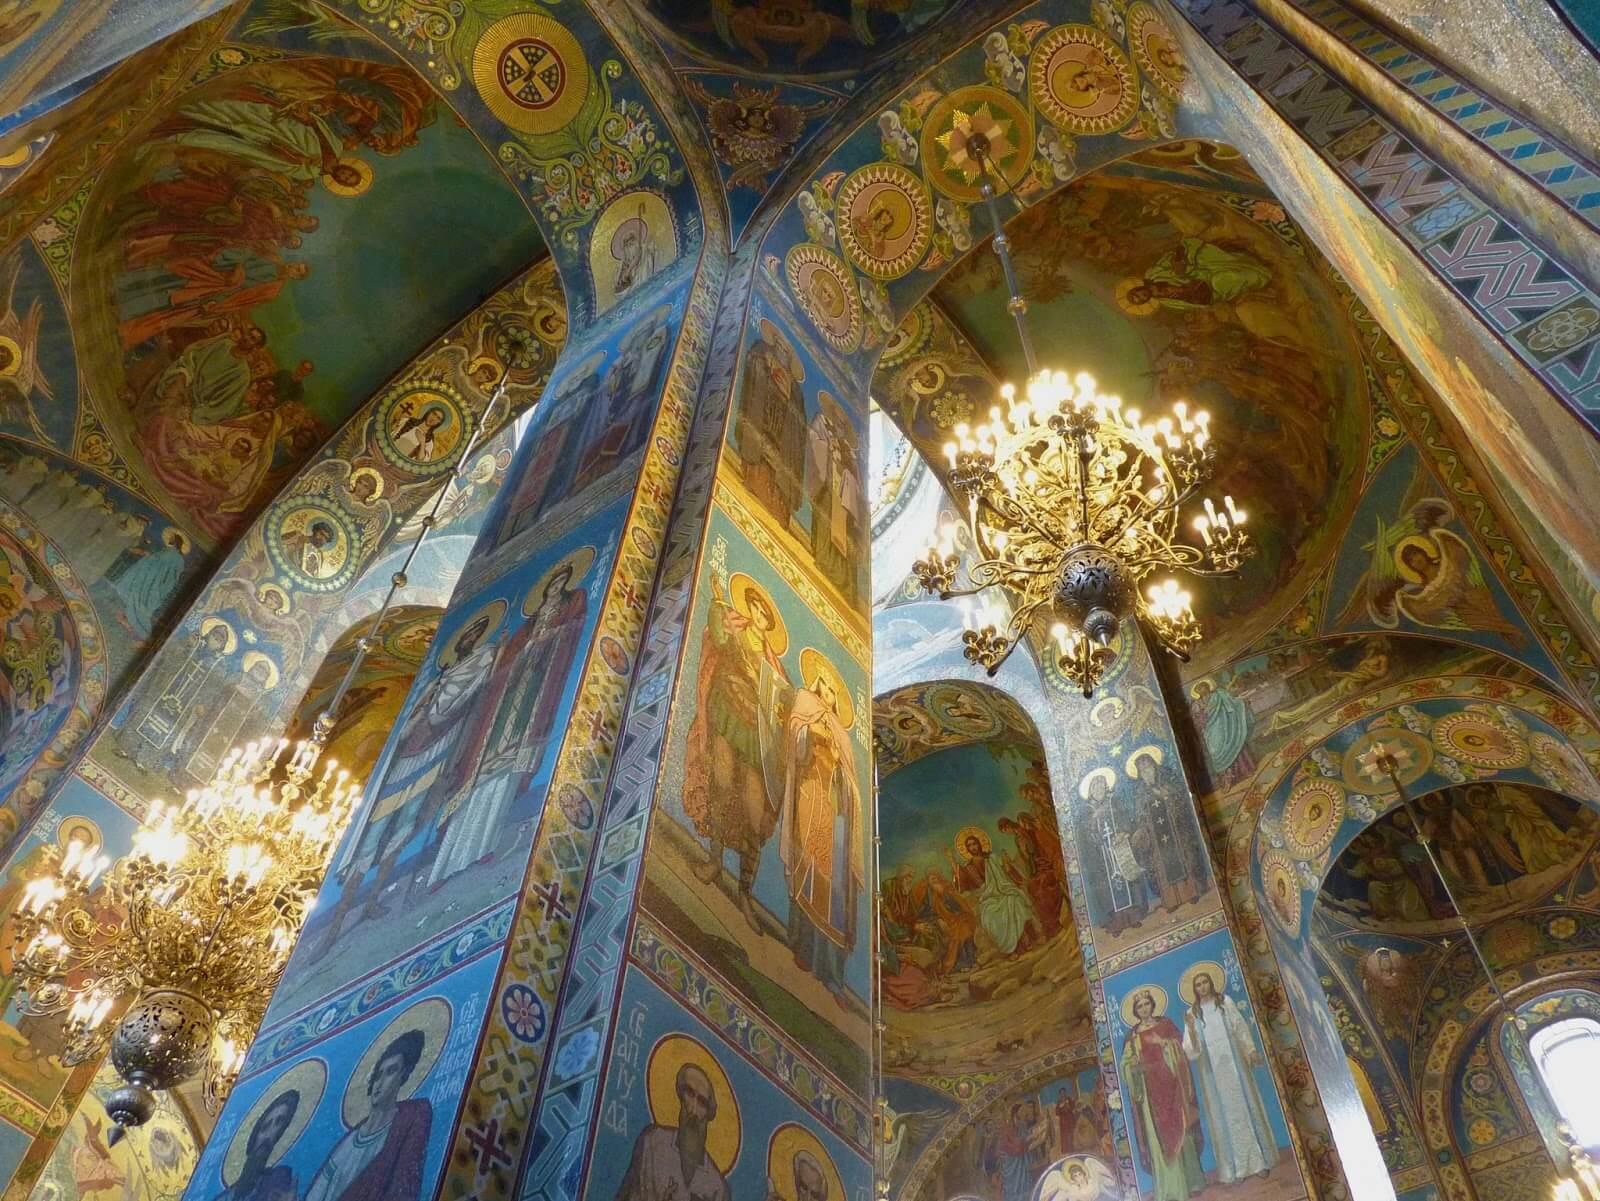 Catedral do Sangue Derramado interior 02 São Petersburgo Rússia Mundo Indefinido